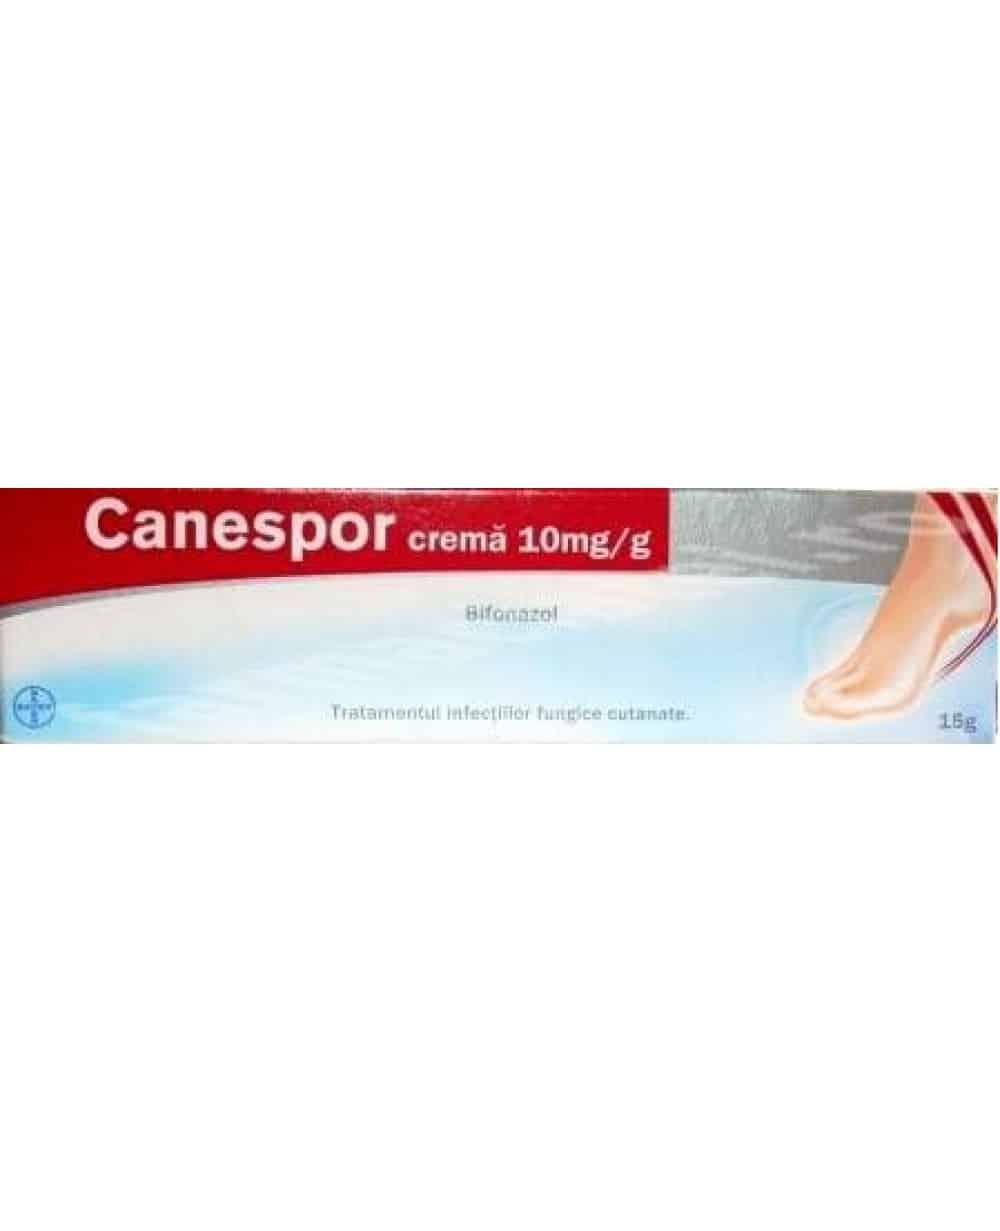 Canespor.Prospect